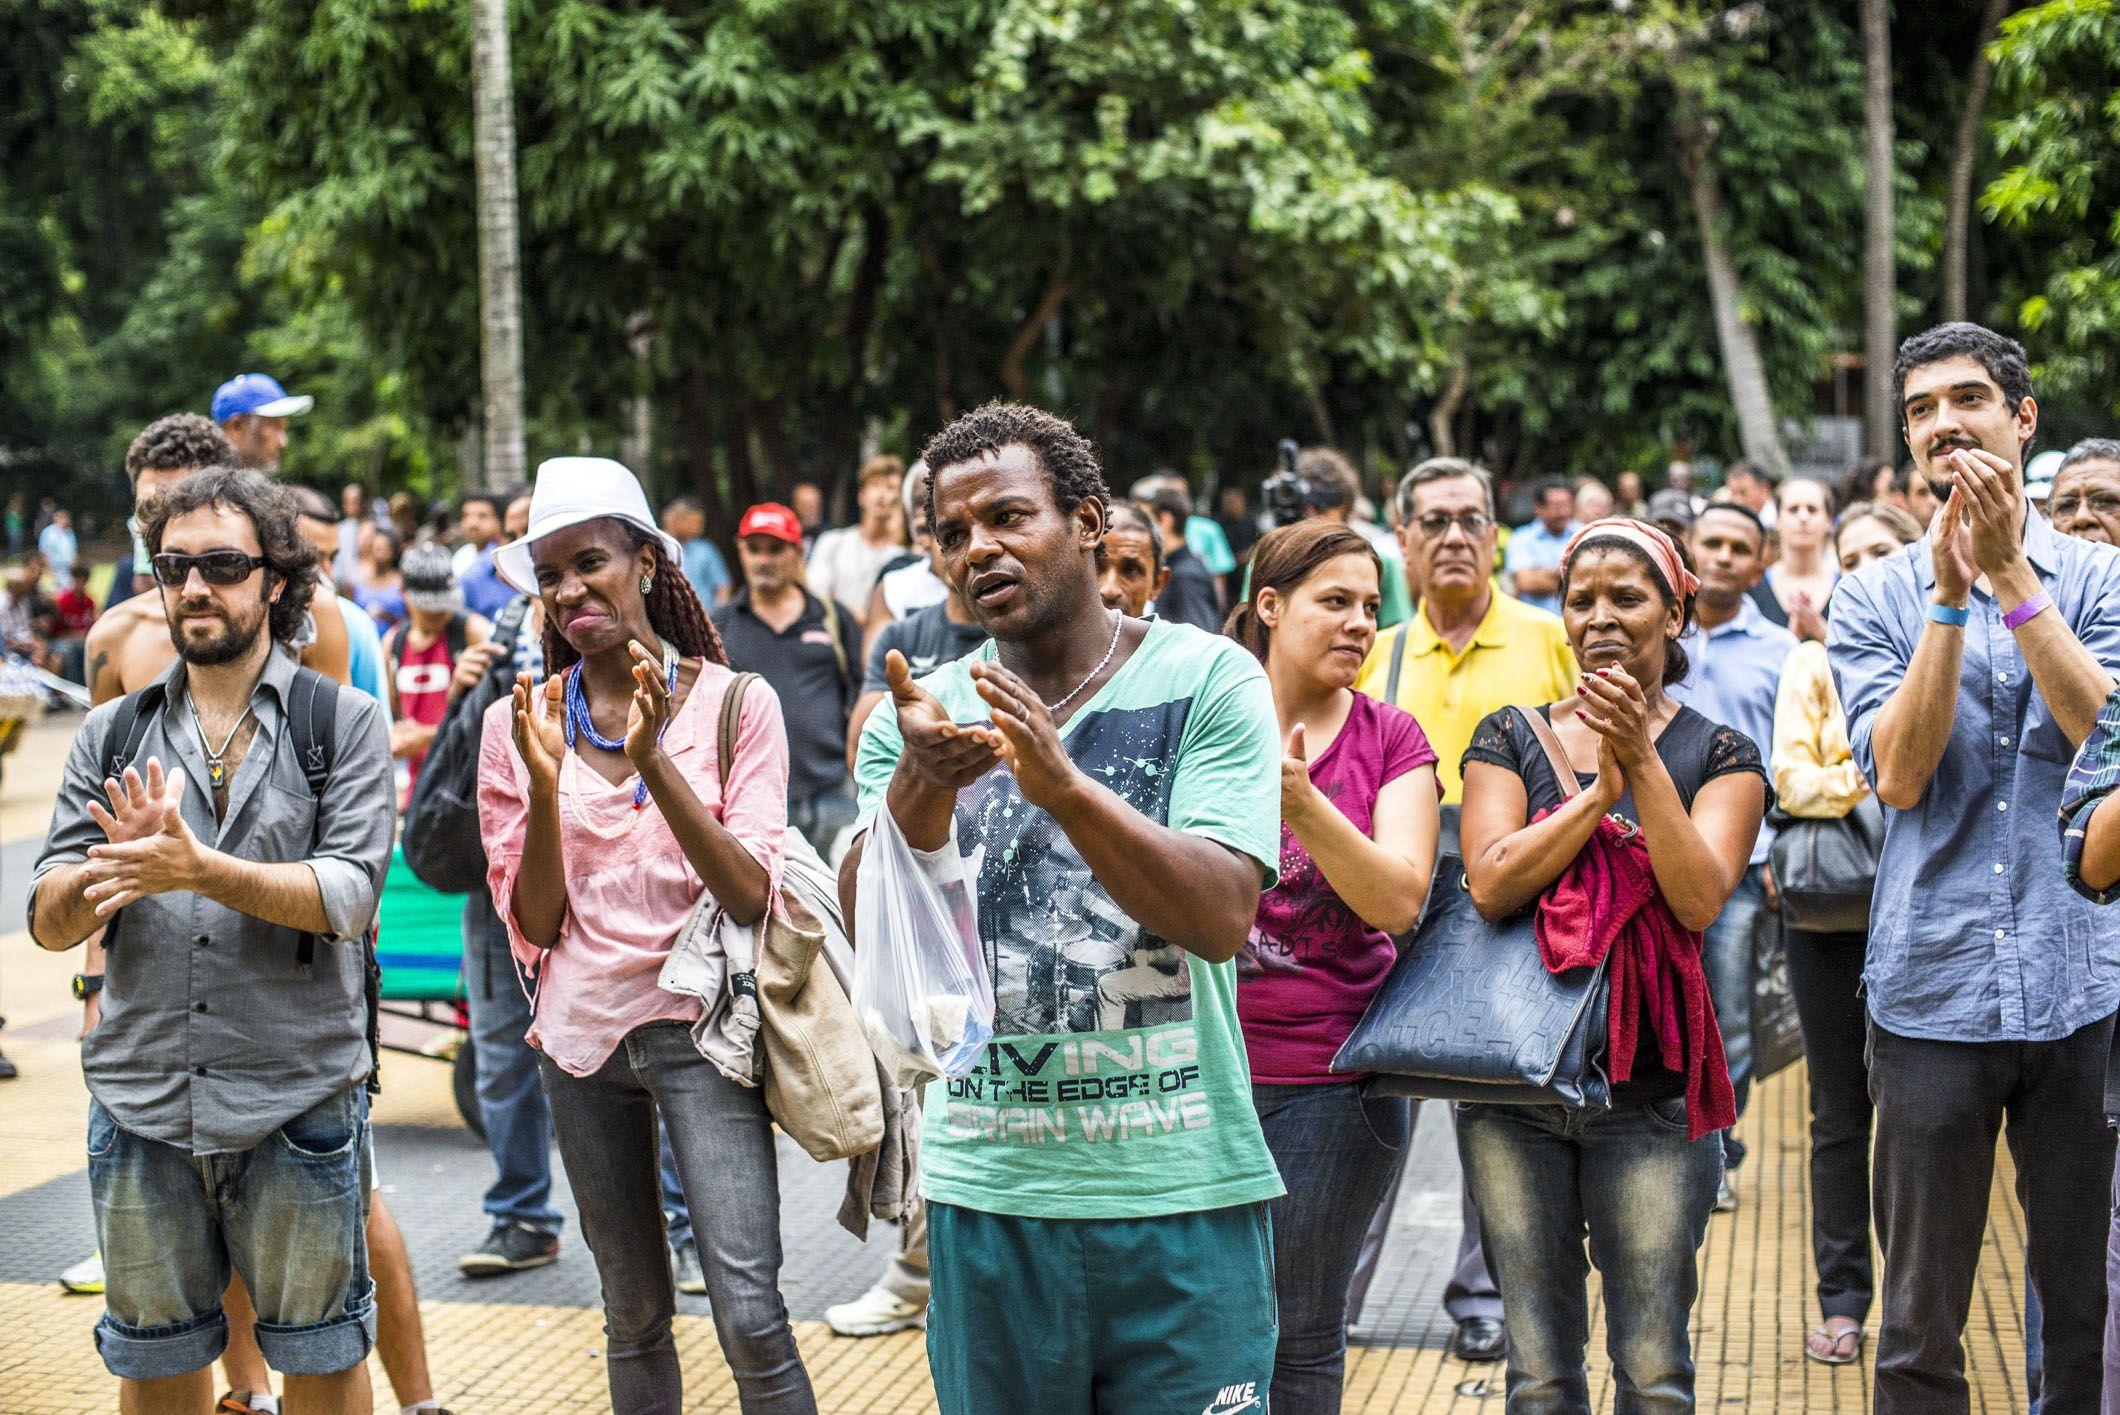 Estação Catraca Livre oferece shows abertos para quem quer fugir do trânsito.